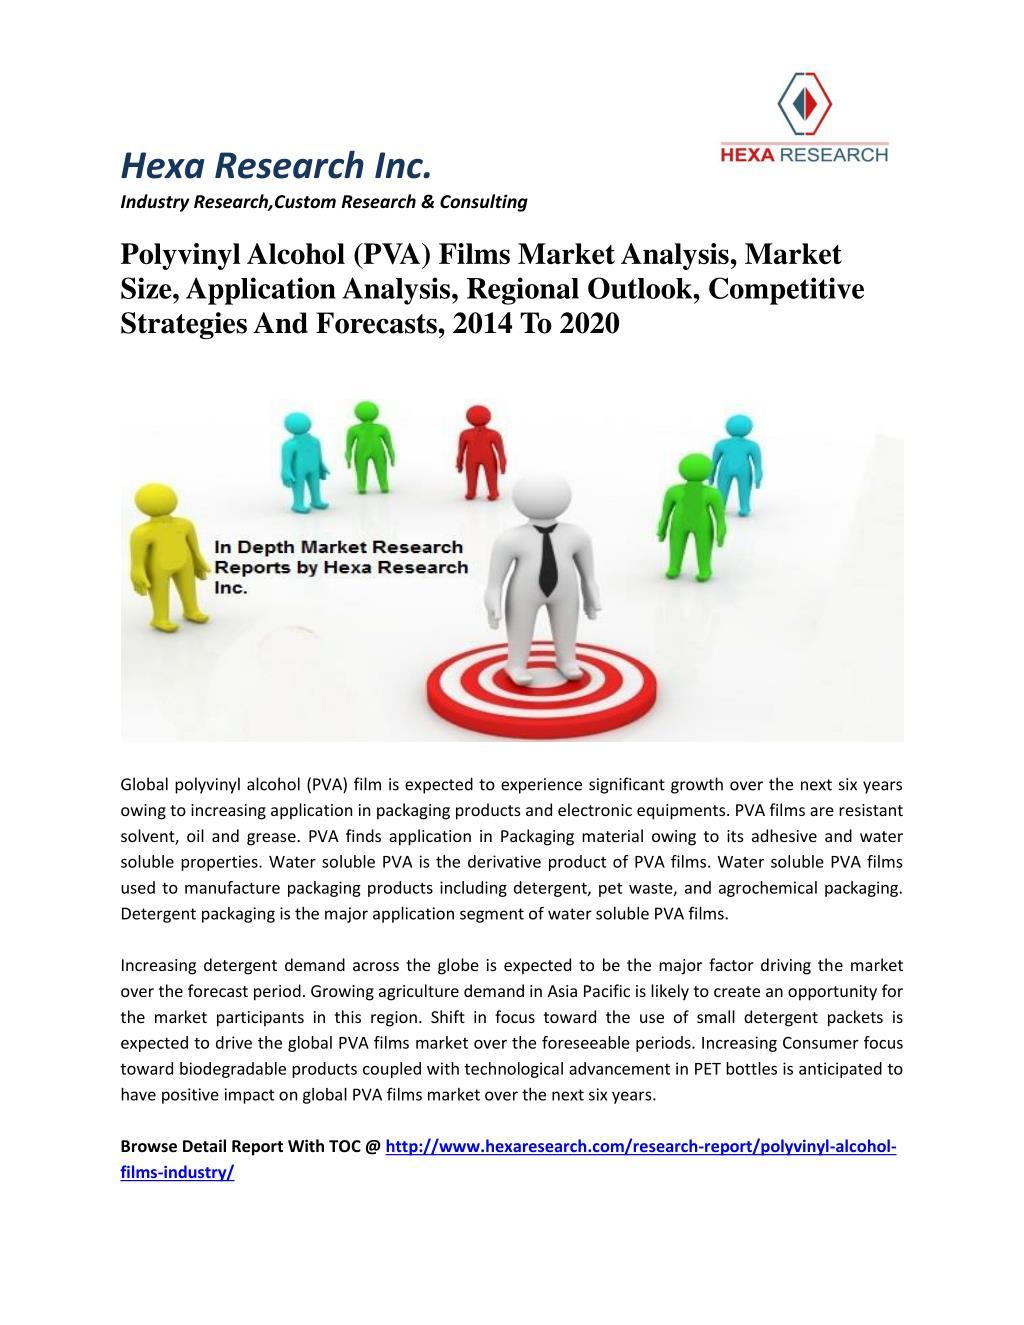 PPT - Polyvinyl Alcohol (PVA) Films Market Analysis, Market